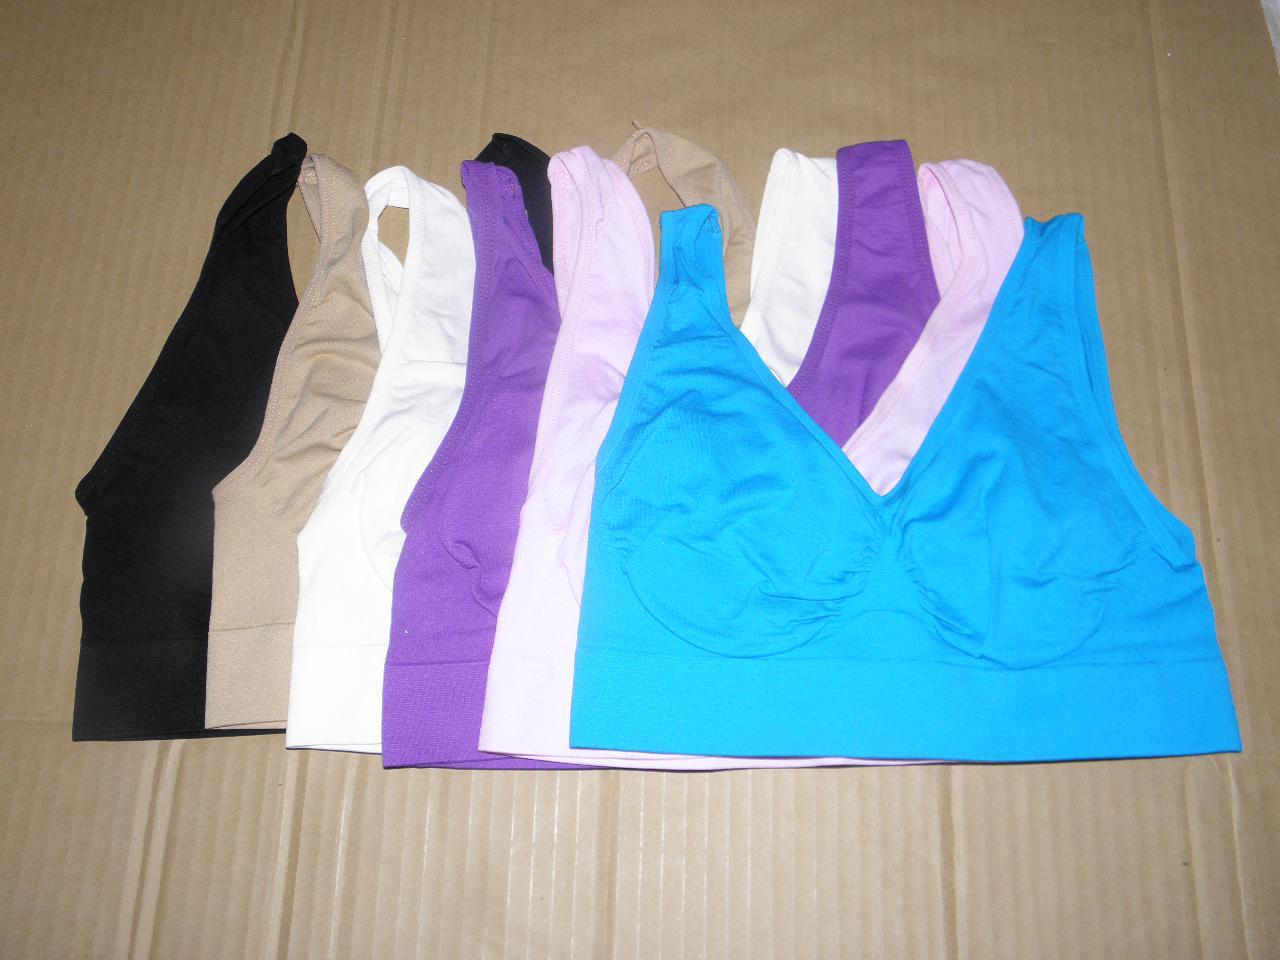 CPA! 1 X HOT Sexy Bra, Pullover senza cuciture / Scollo a V, Tracolle larghe / Comfort totale garantito